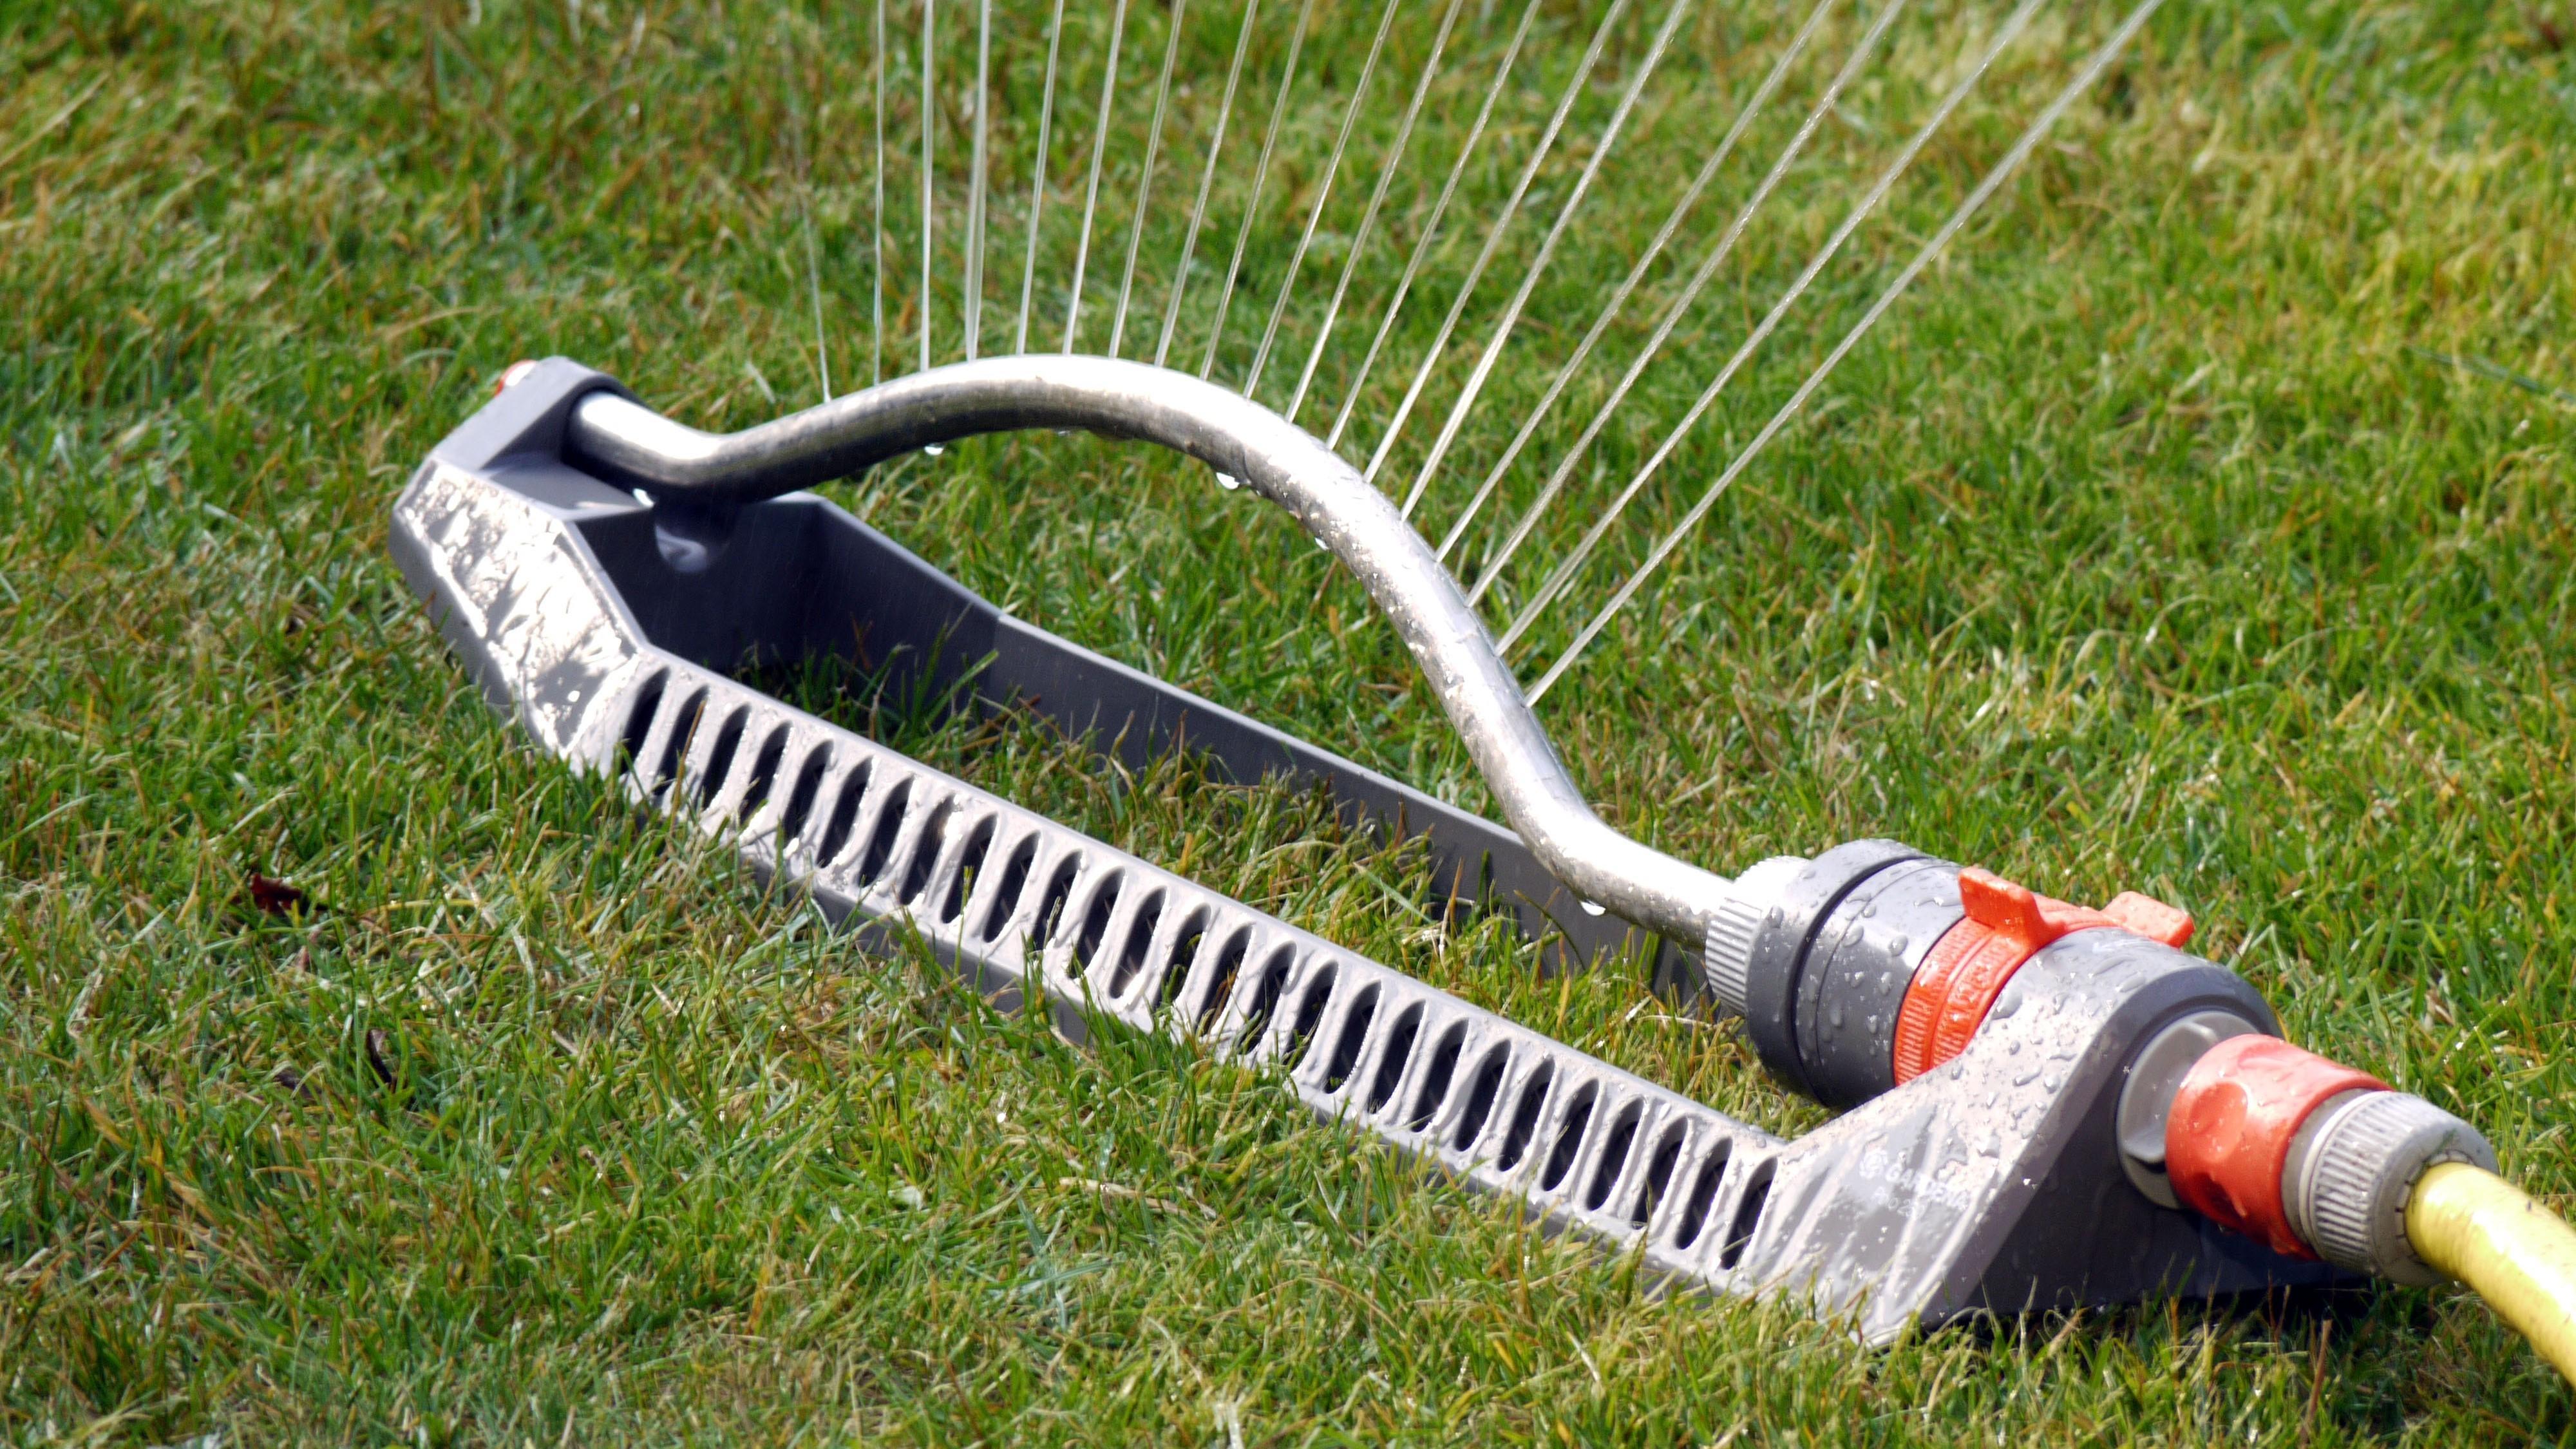 Auch mit Wassersprenklern lassen sich Katzen erfolgreich  vom Grundstück fernhalten.